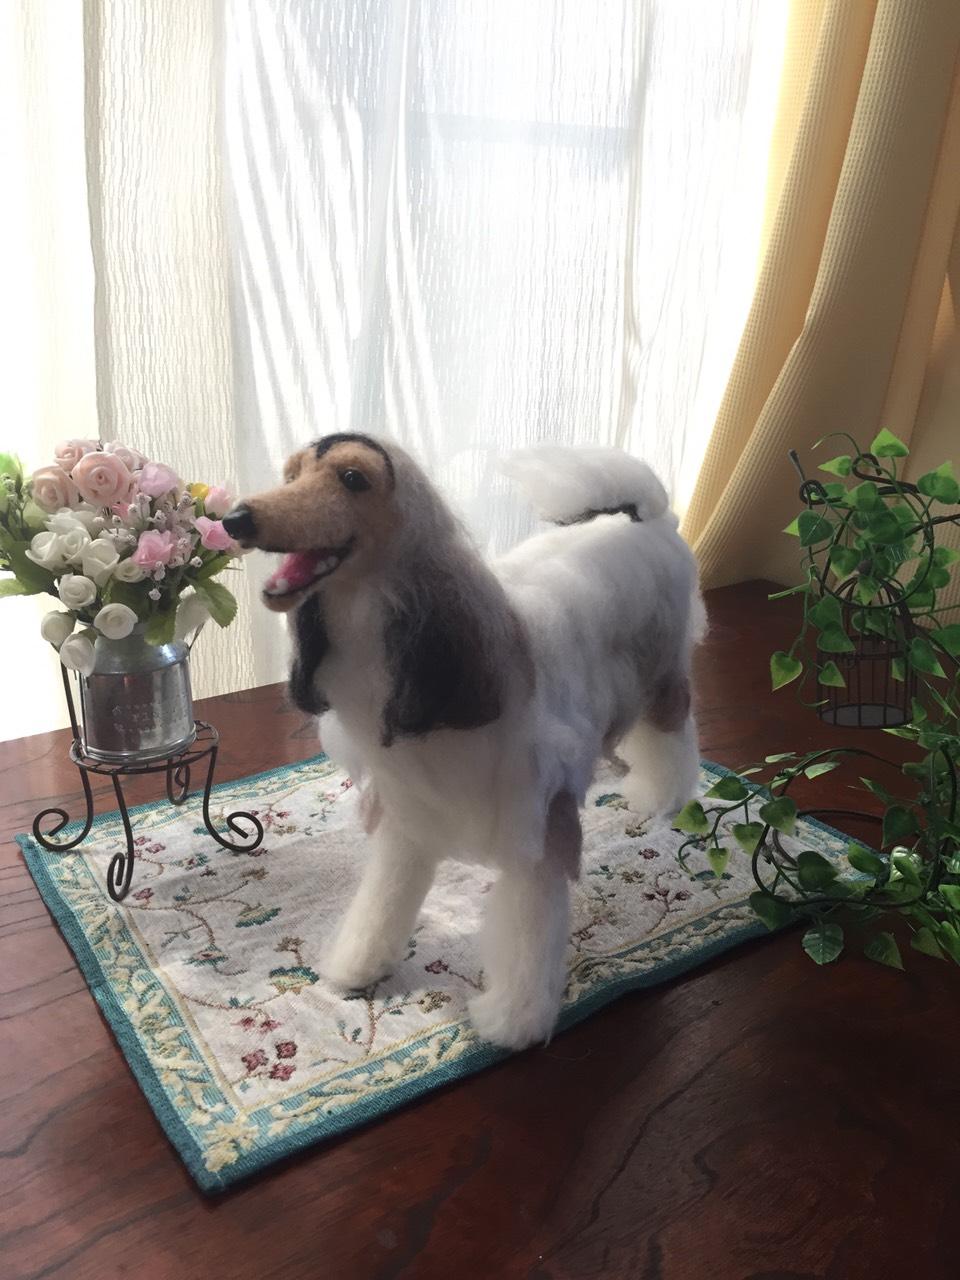 01-030afganhounddog